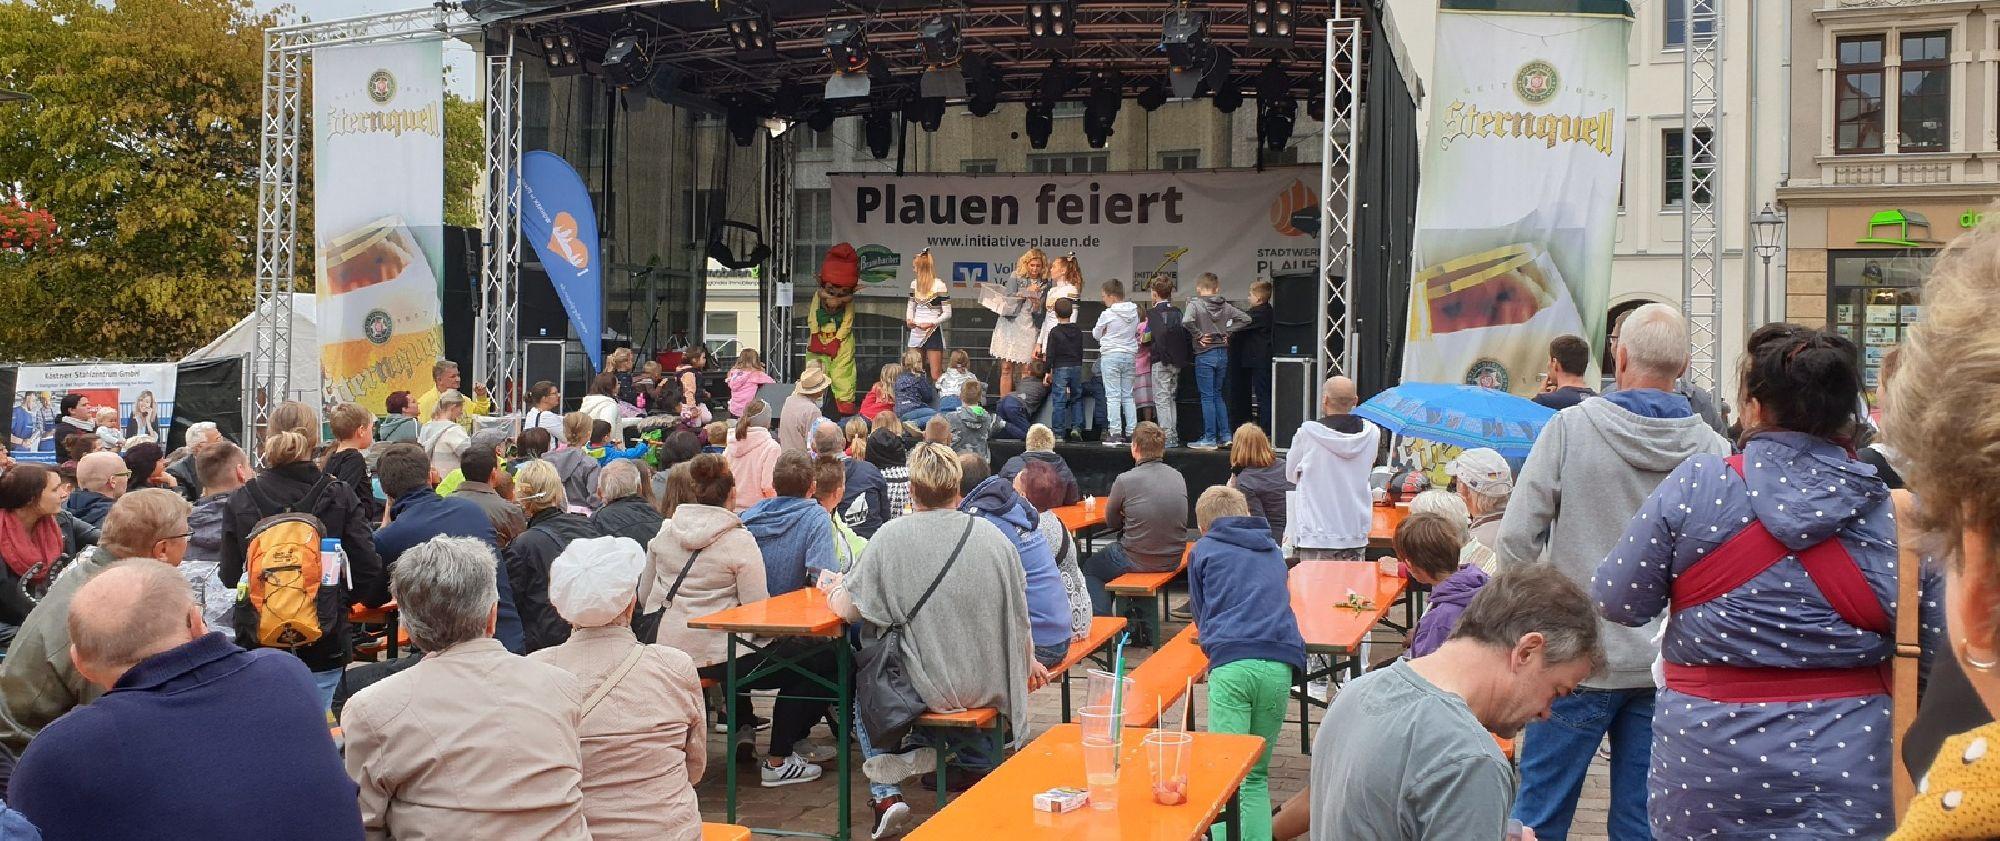 Bühnenprogramm Plauener Frühling